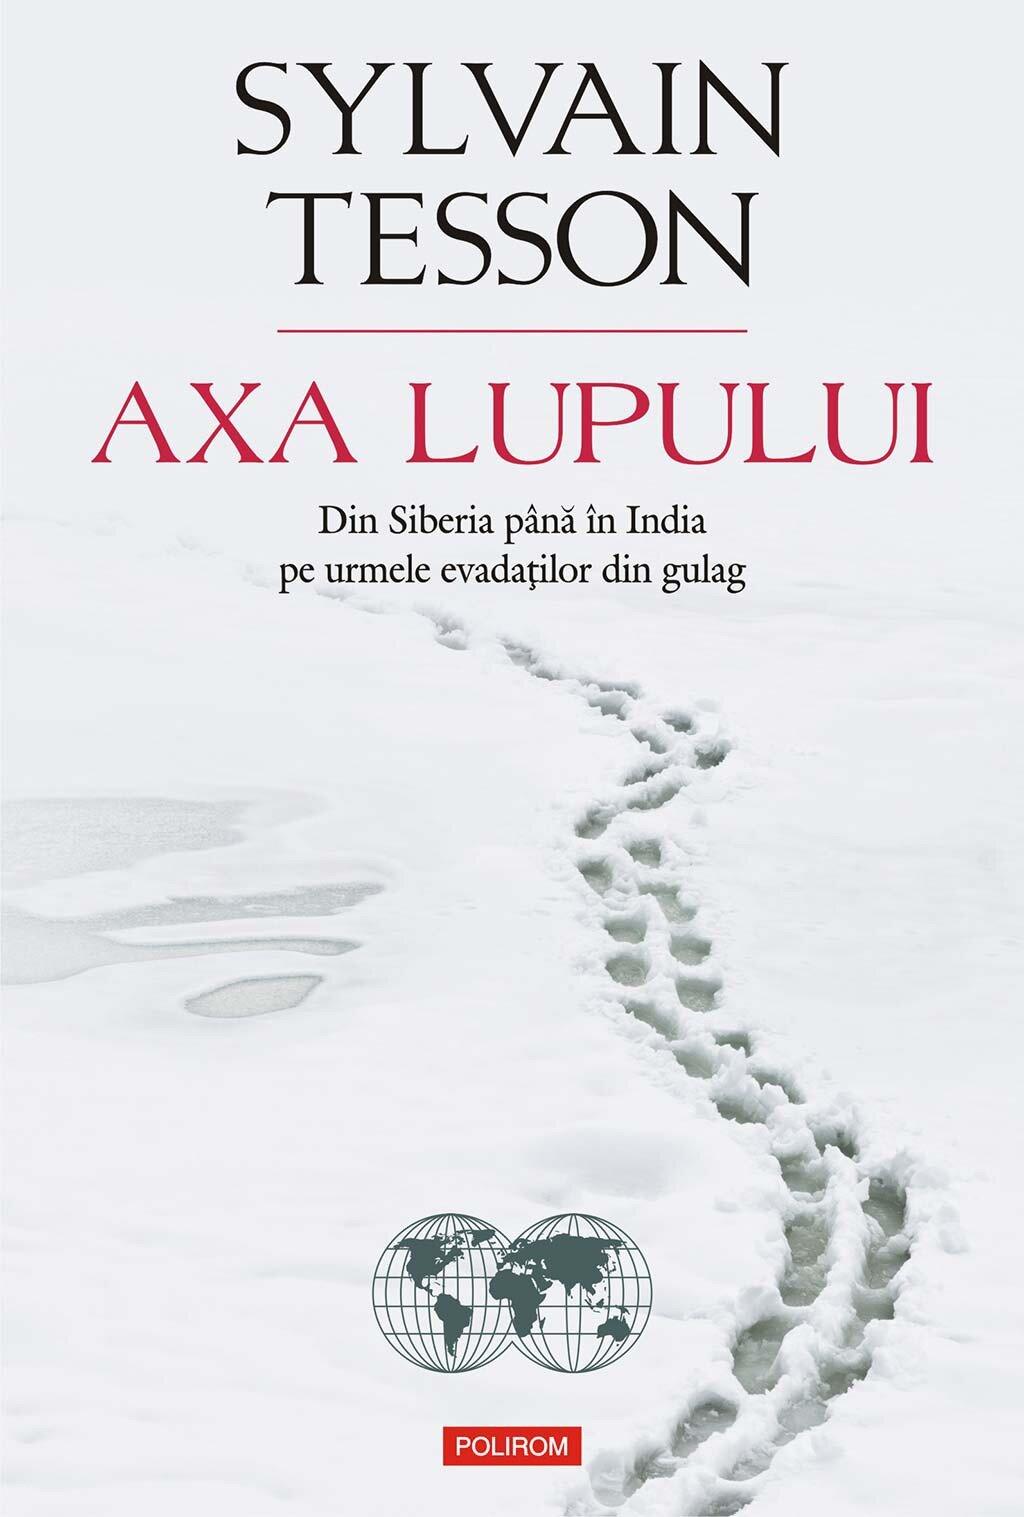 Axa lupului. Din Siberia pana in India pe urmele evadatilor din gulag PDF (Download eBook)